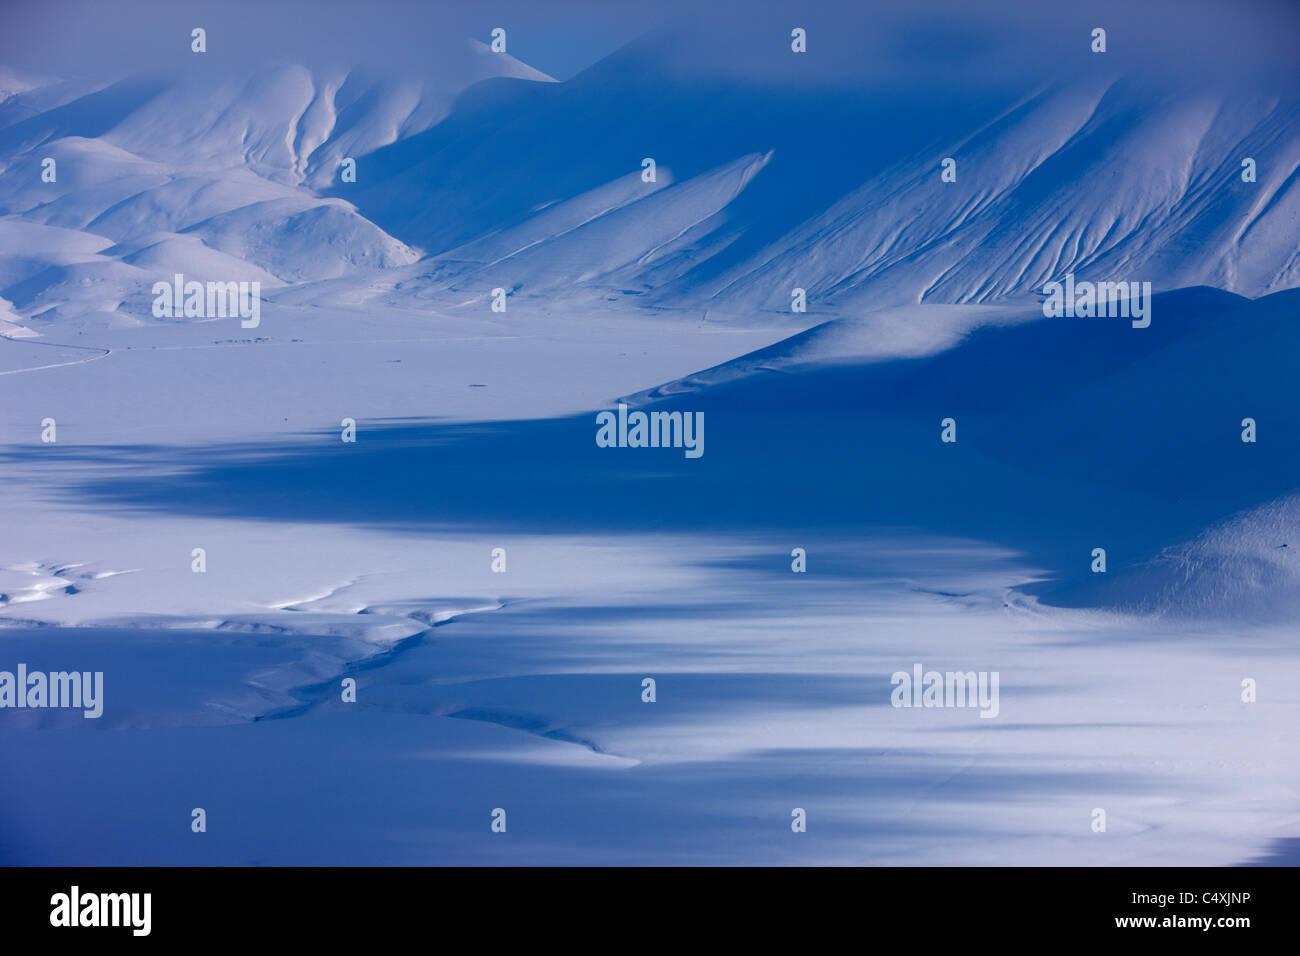 the Piano Grande in winter, Monti Sibillini National Park, Umbria, Italy Foto de stock